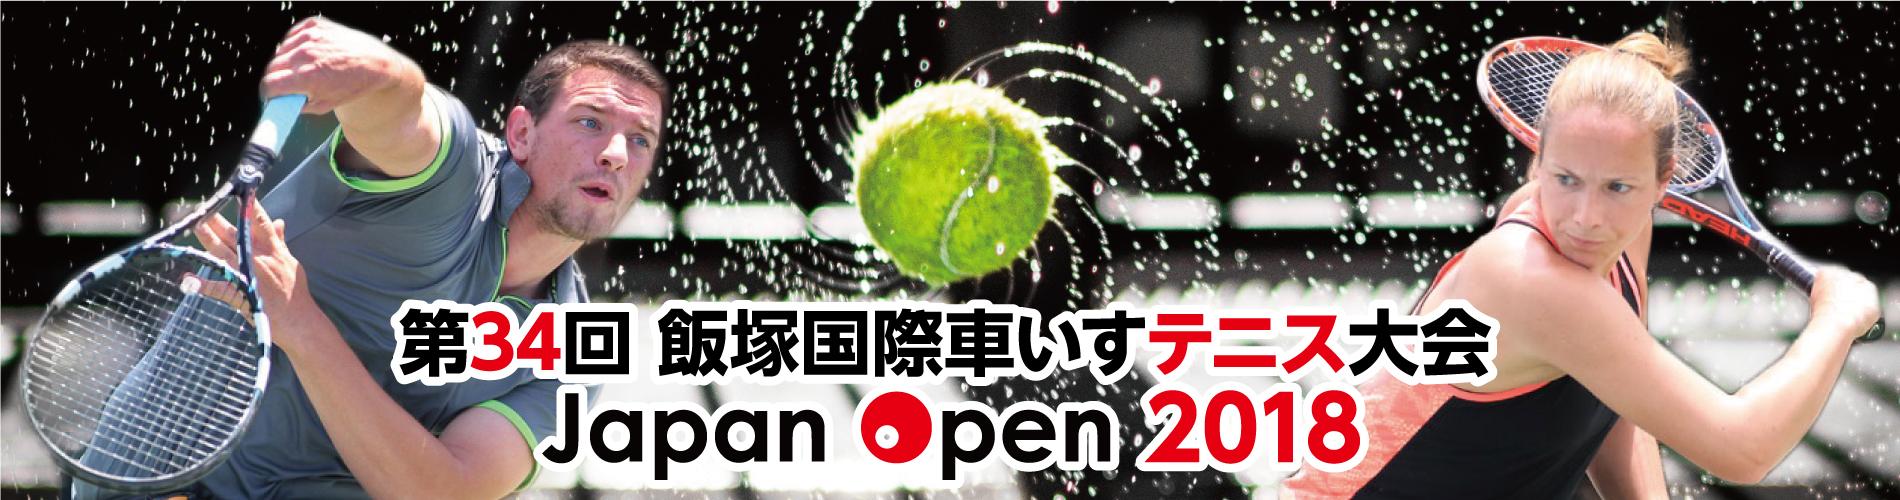 第34回飯塚国際車いすテニス大会JapanOpen2018_トップ_スライド用